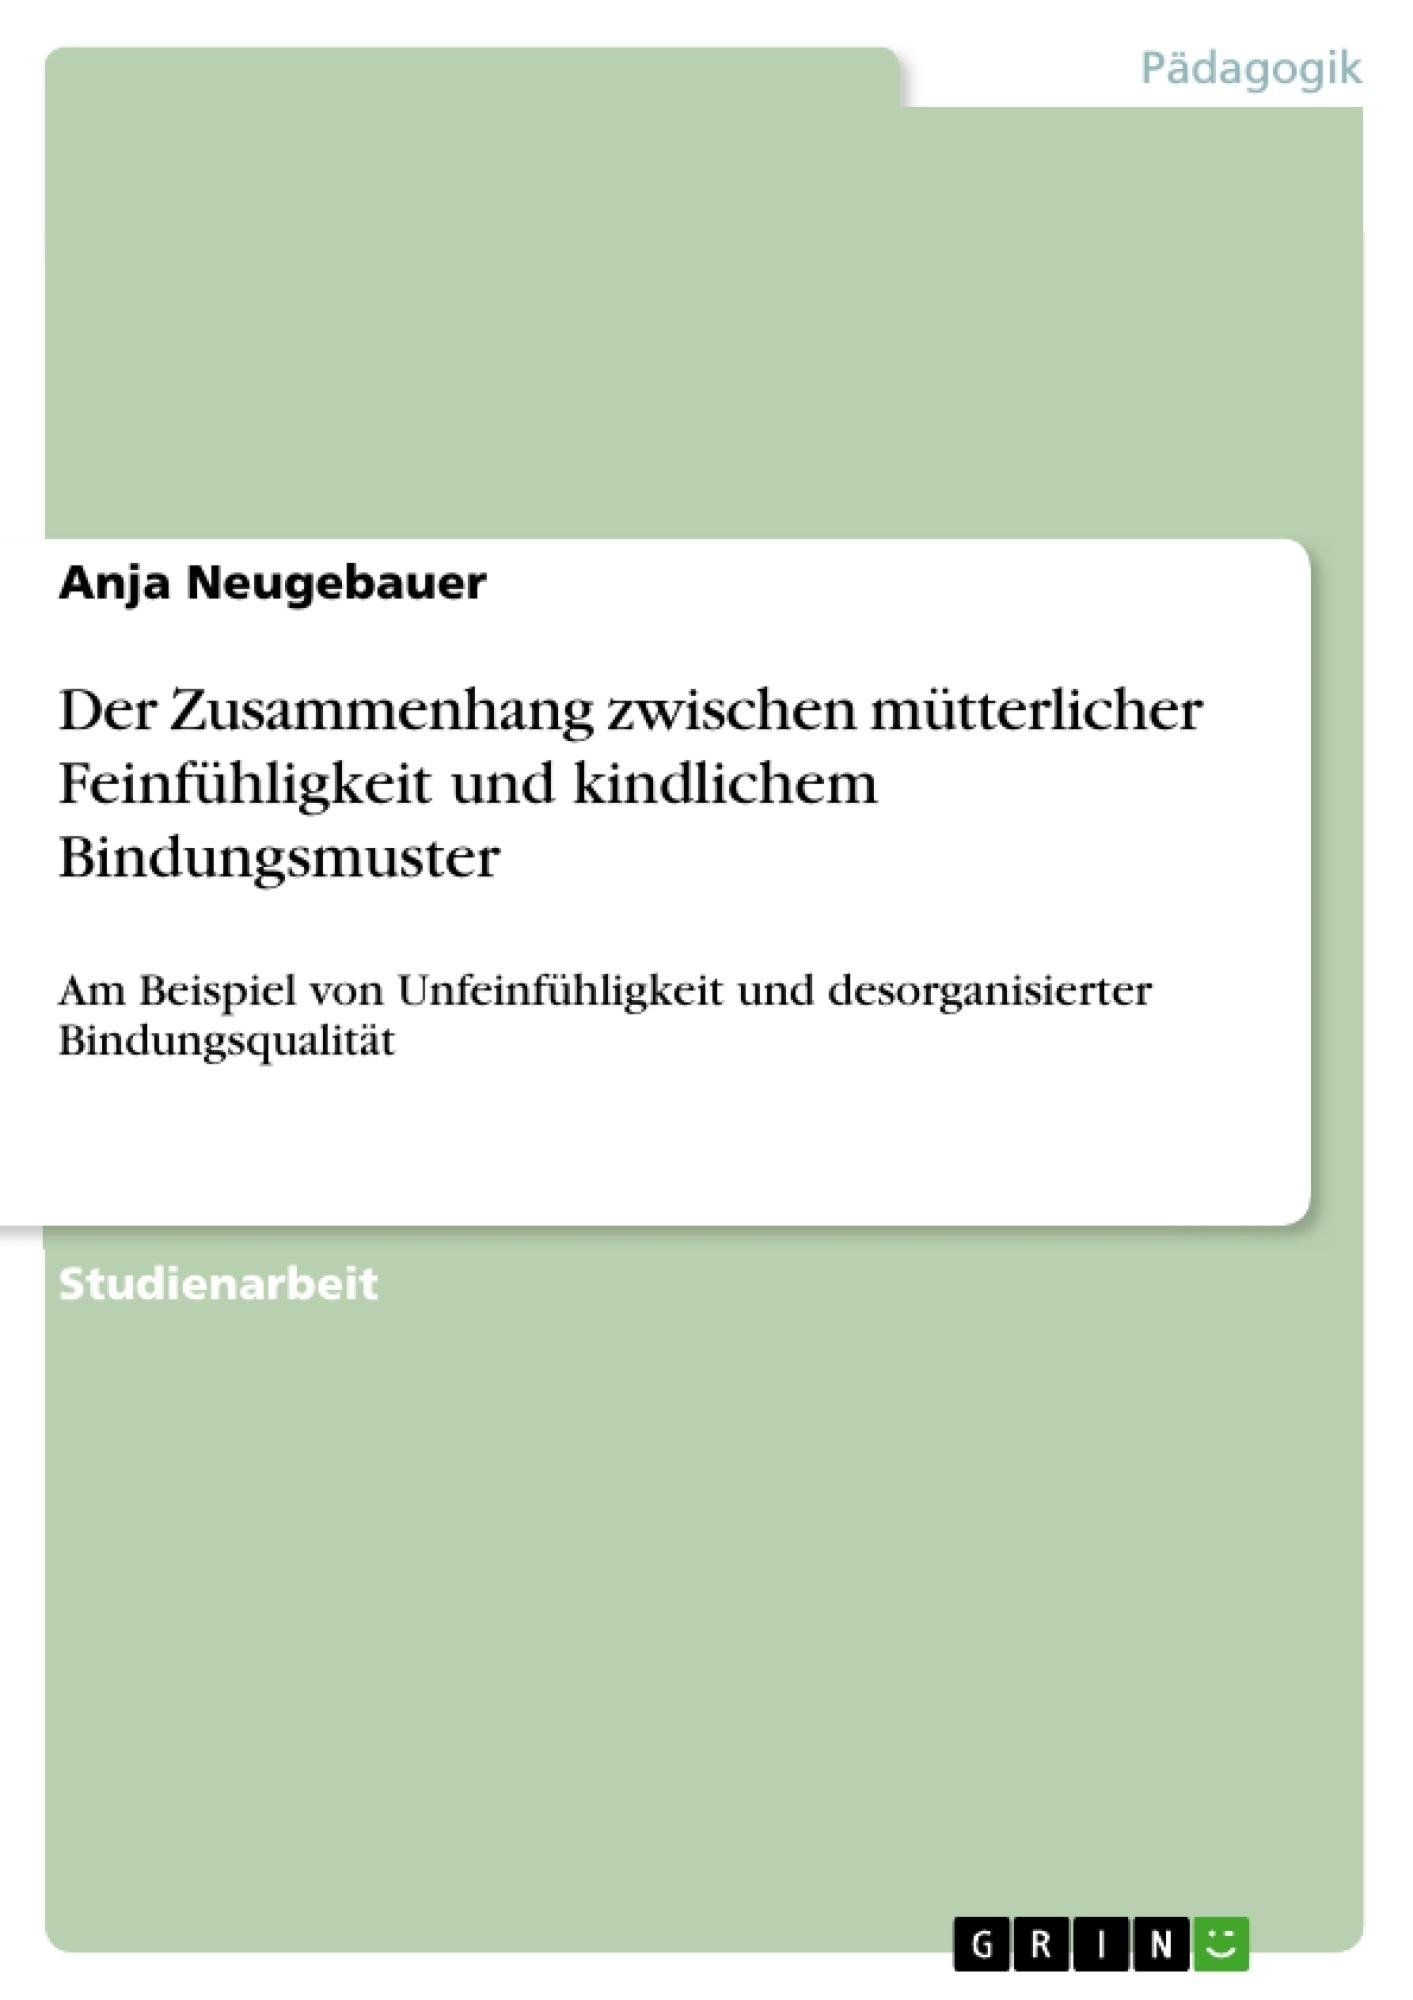 Titel: Der Zusammenhang zwischen mütterlicher Feinfühligkeit und kindlichem Bindungsmuster